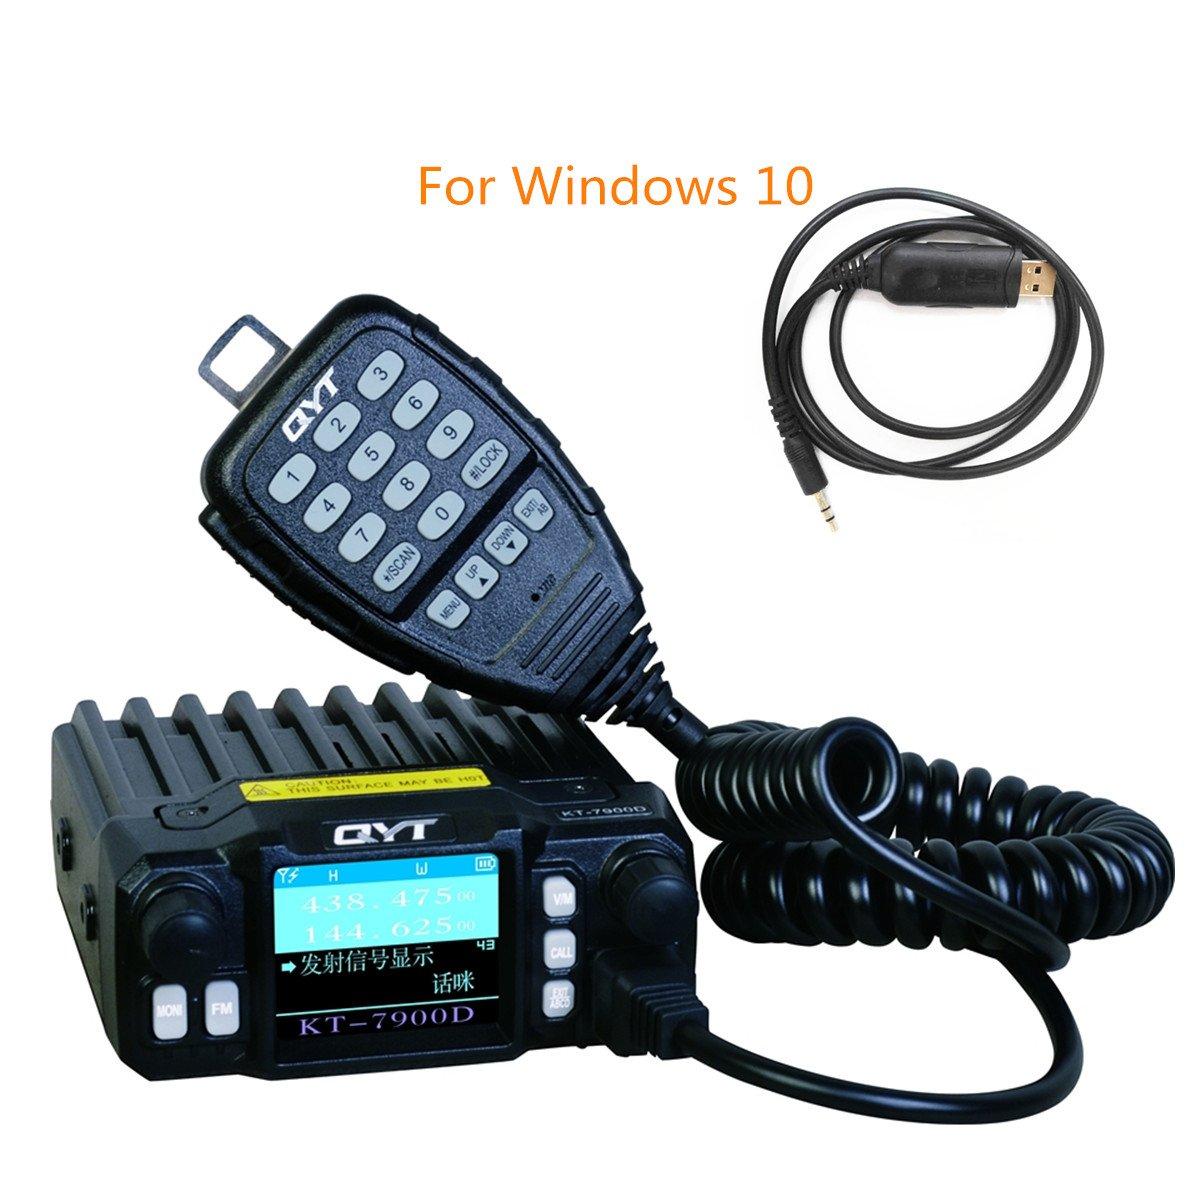 QYT KT-7900D Quad Band Quad Standby mini l'é metteur - ré cepteur mobile 136 ~ 174 / 400-480mhz / 220-260mhz /350-390mhz amateur radio avec une programmation gratuite cable